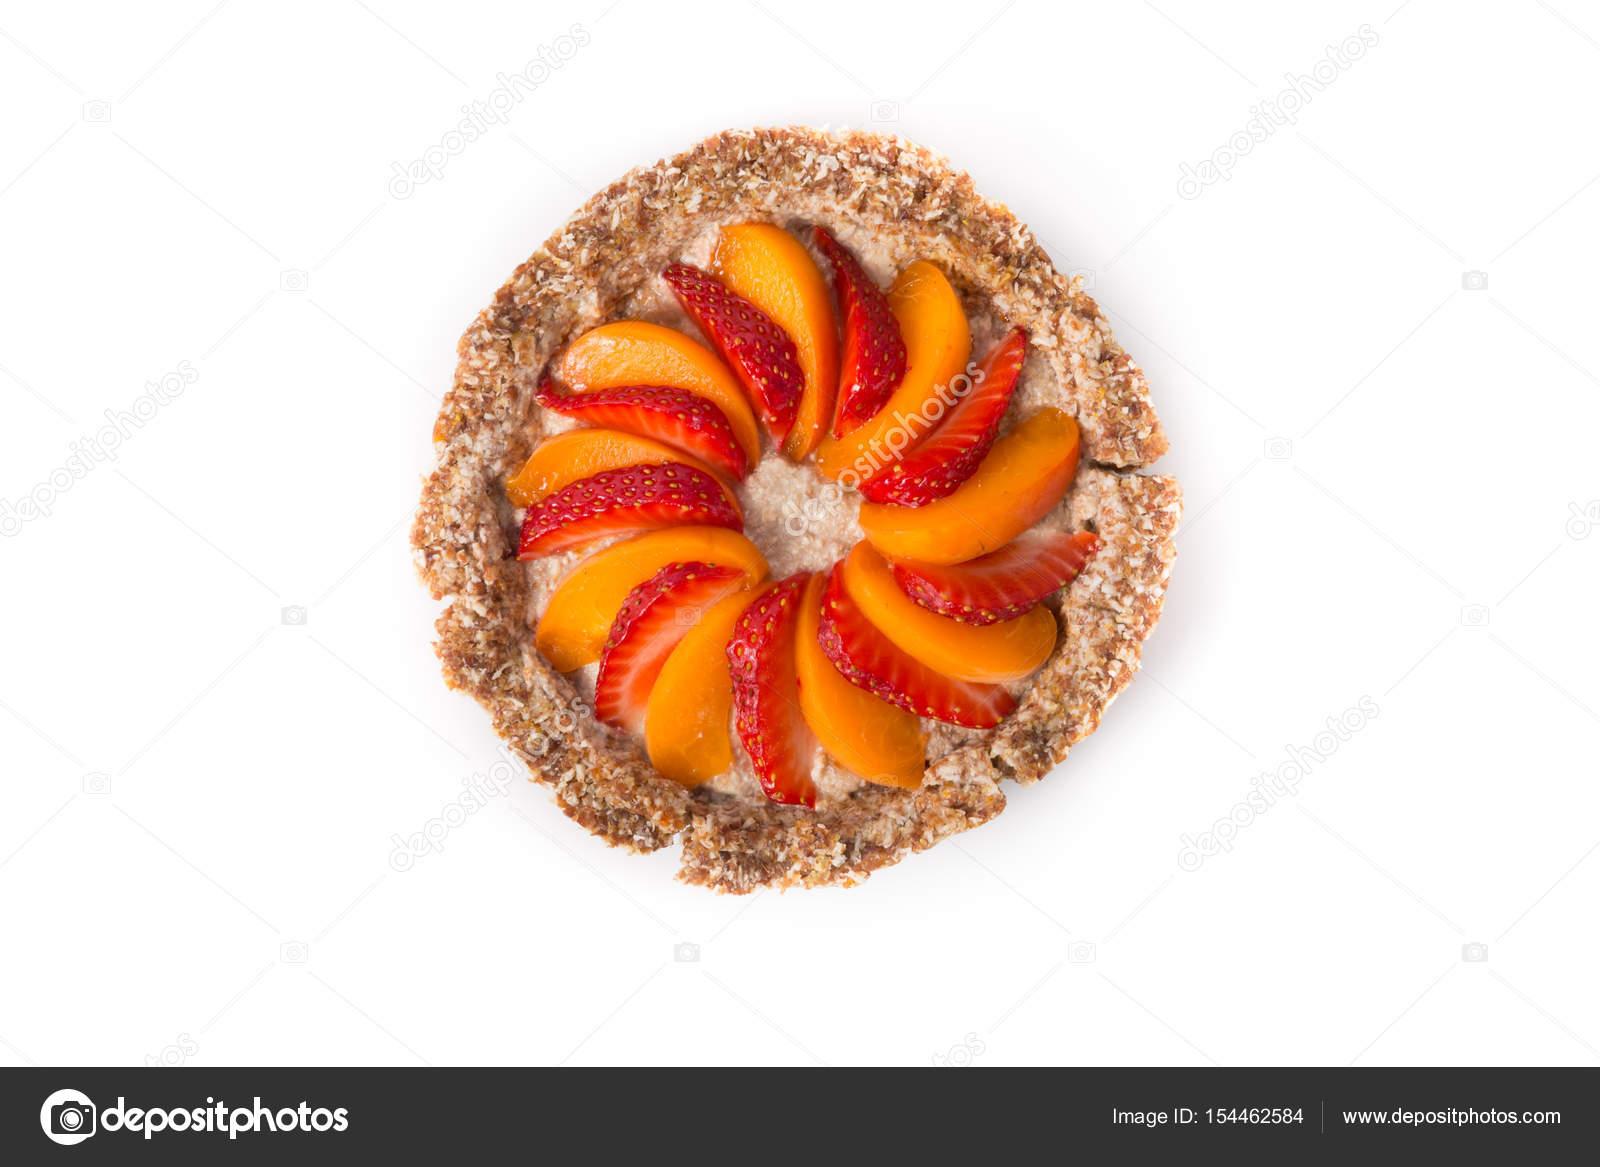 Roh Veganer Kuchen Stockfoto C Dukeii 154462584